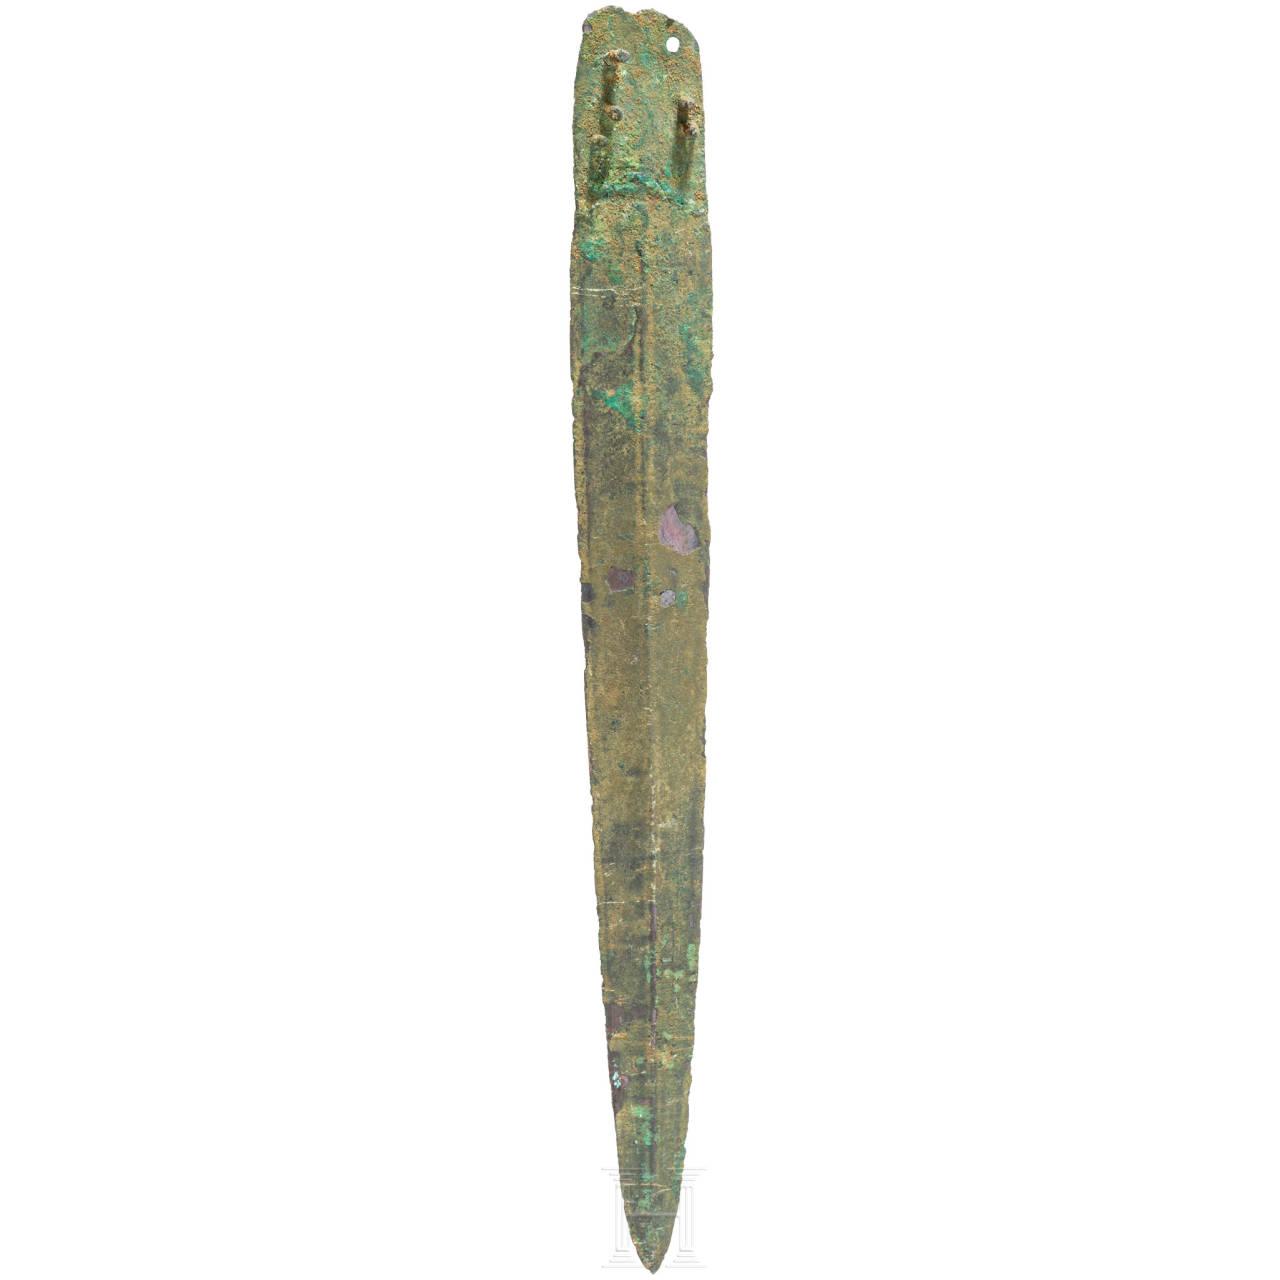 Dolch, Mitteleuropa, Späte Bronzezeit, Stufe D, 13. Jhdt. v. Chr.